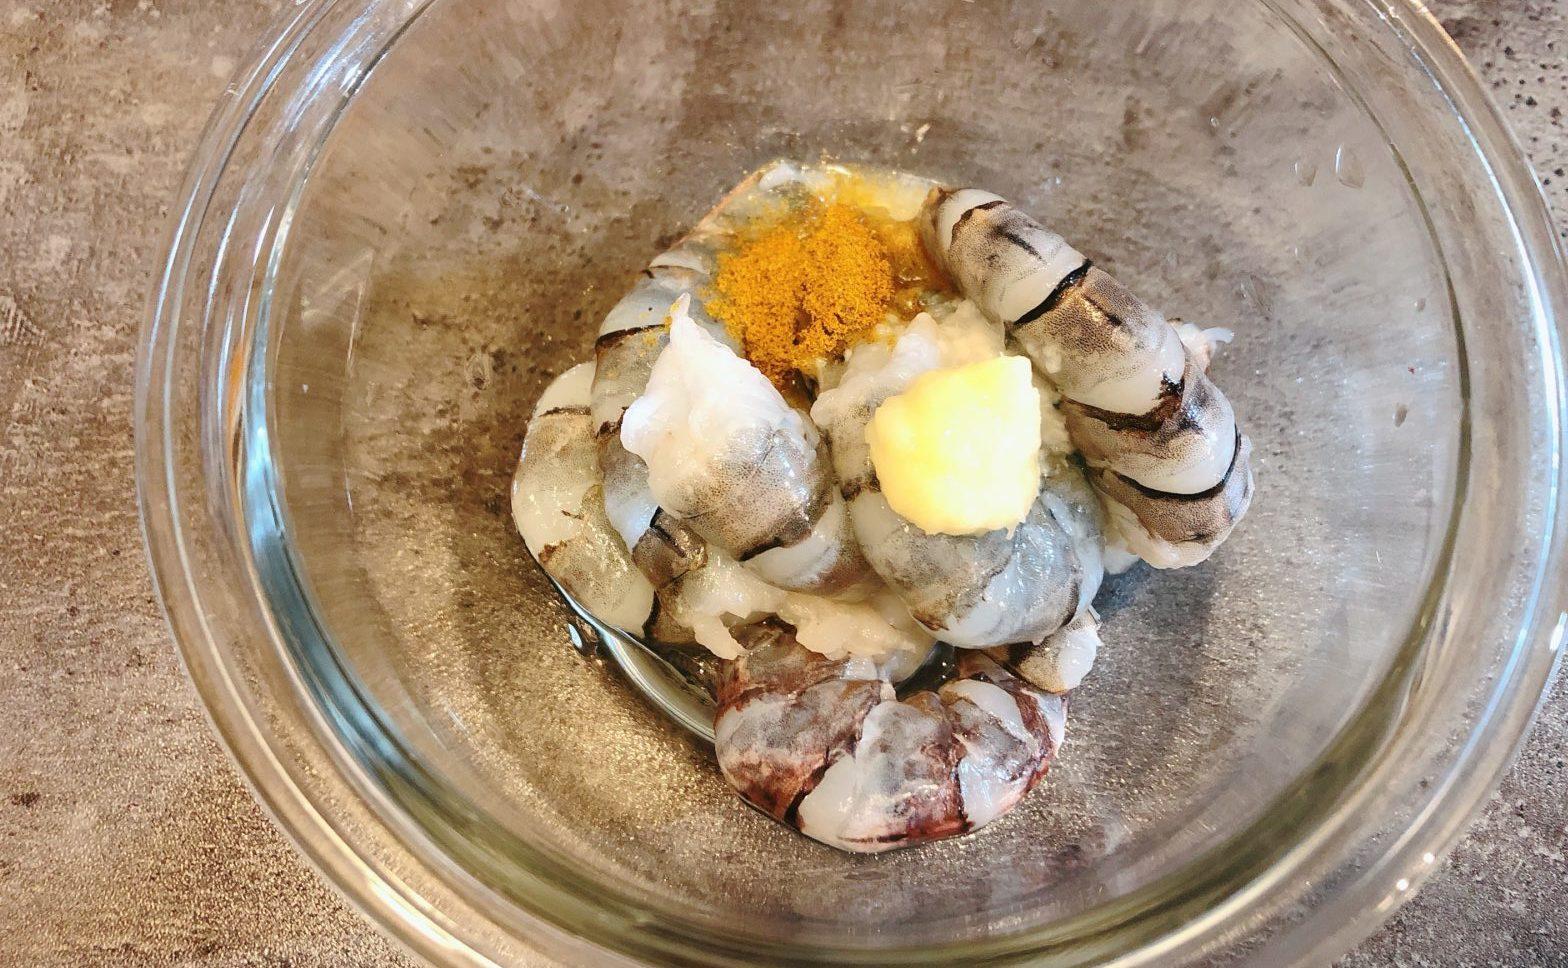 エスニック風発酵鍋の作り方(工程2-1)